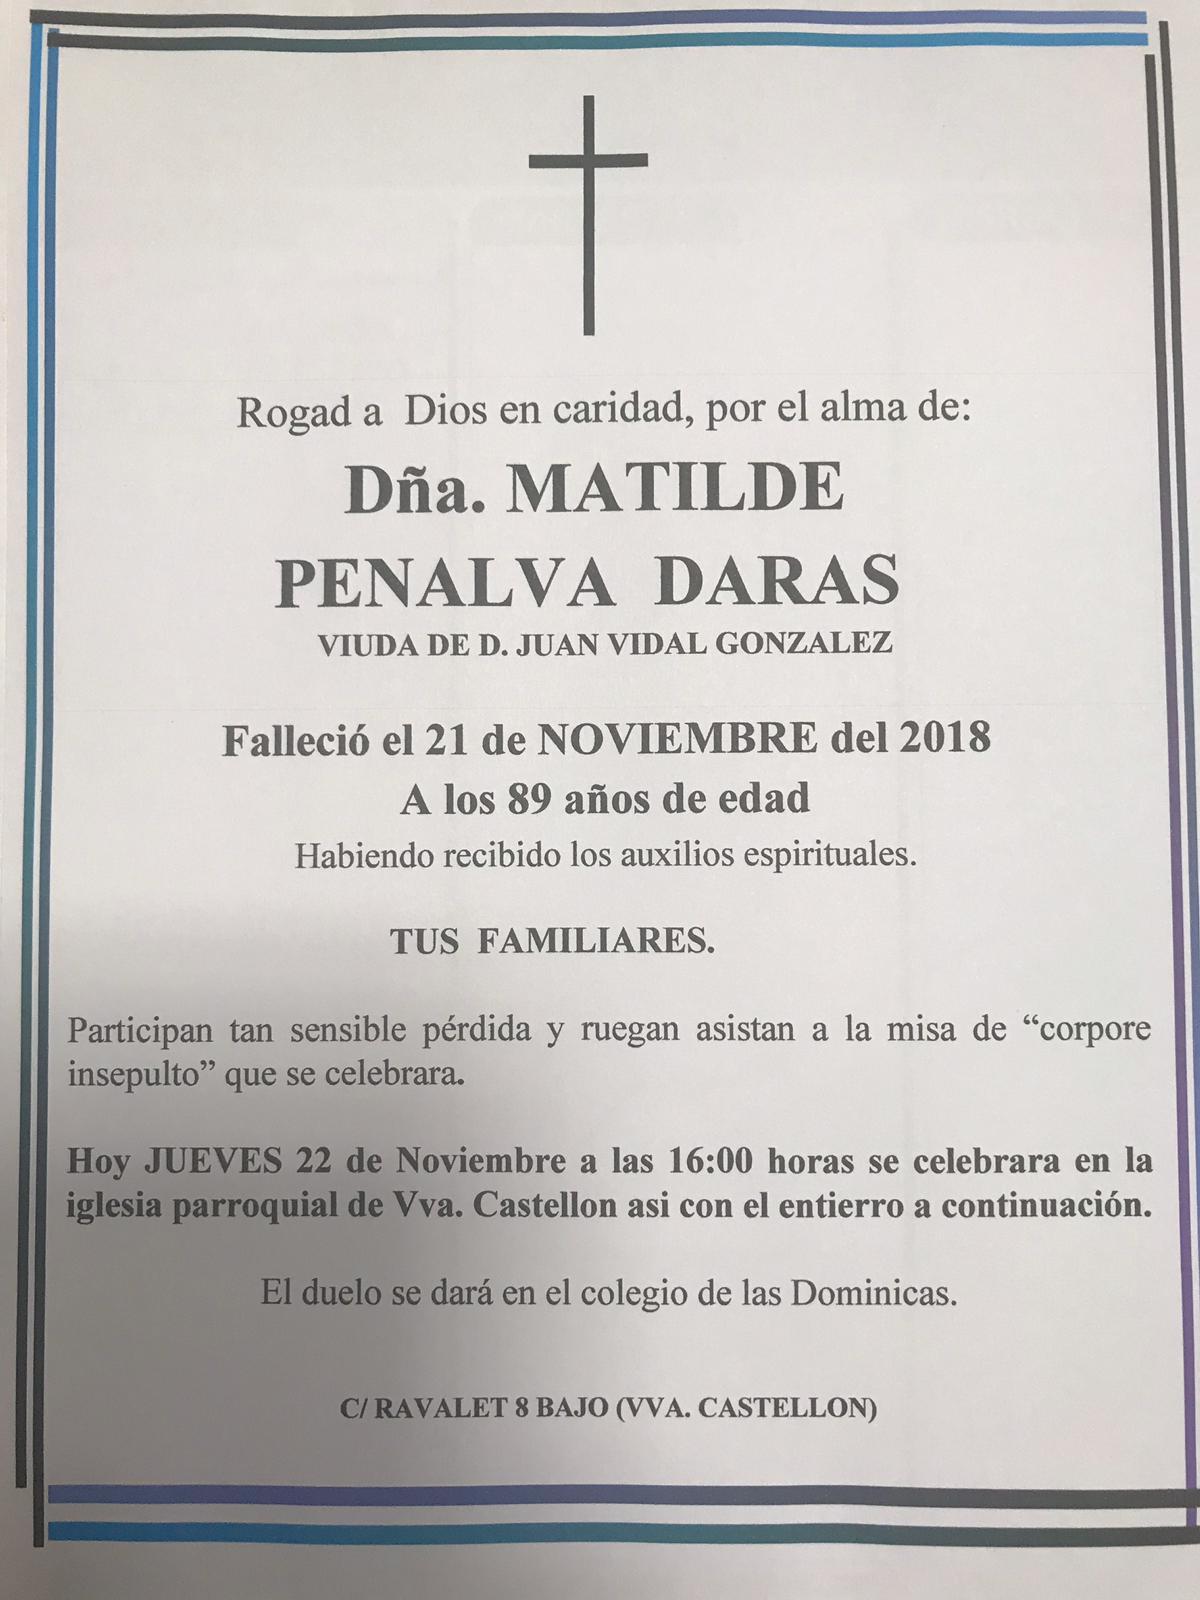 MATILDE PENALVA DARAS